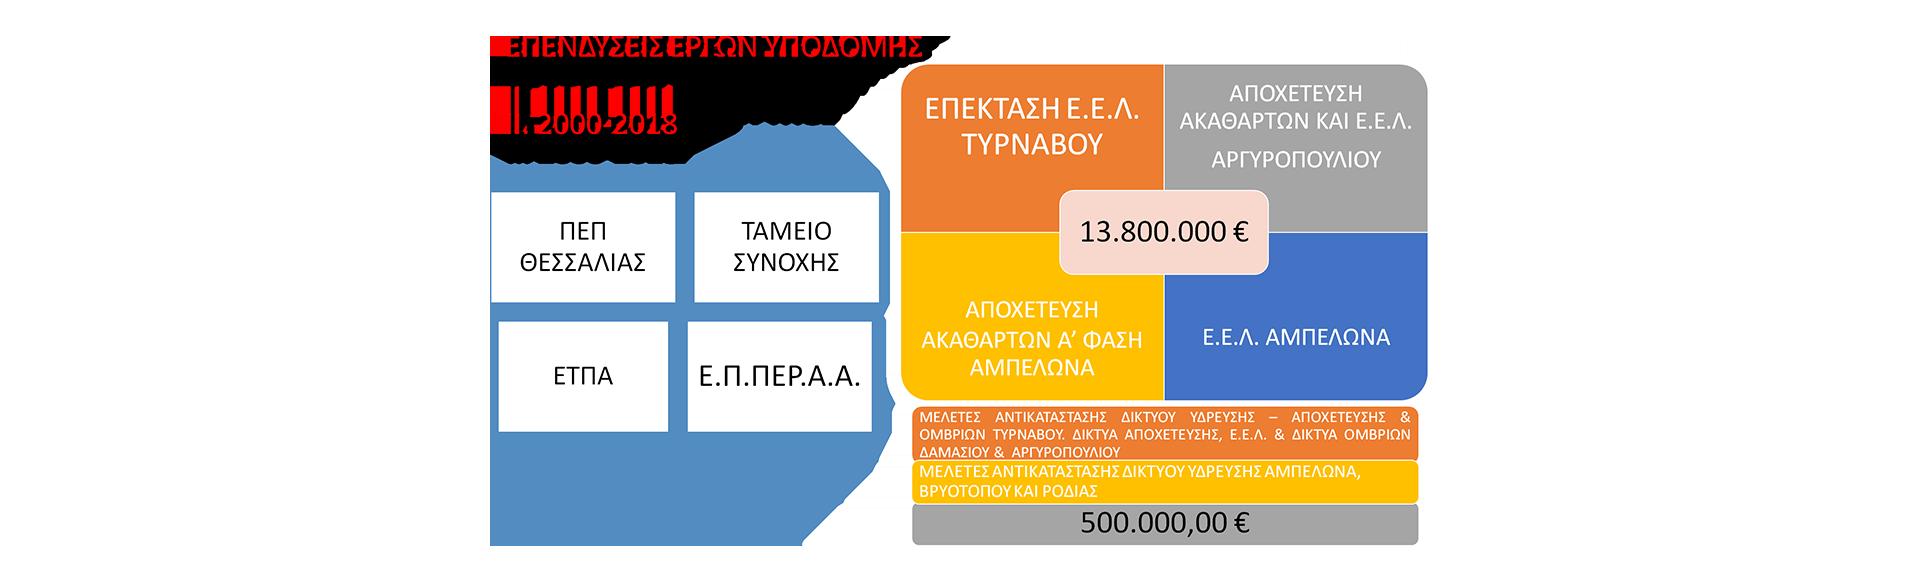 Υποδομές-Επενδύσεις